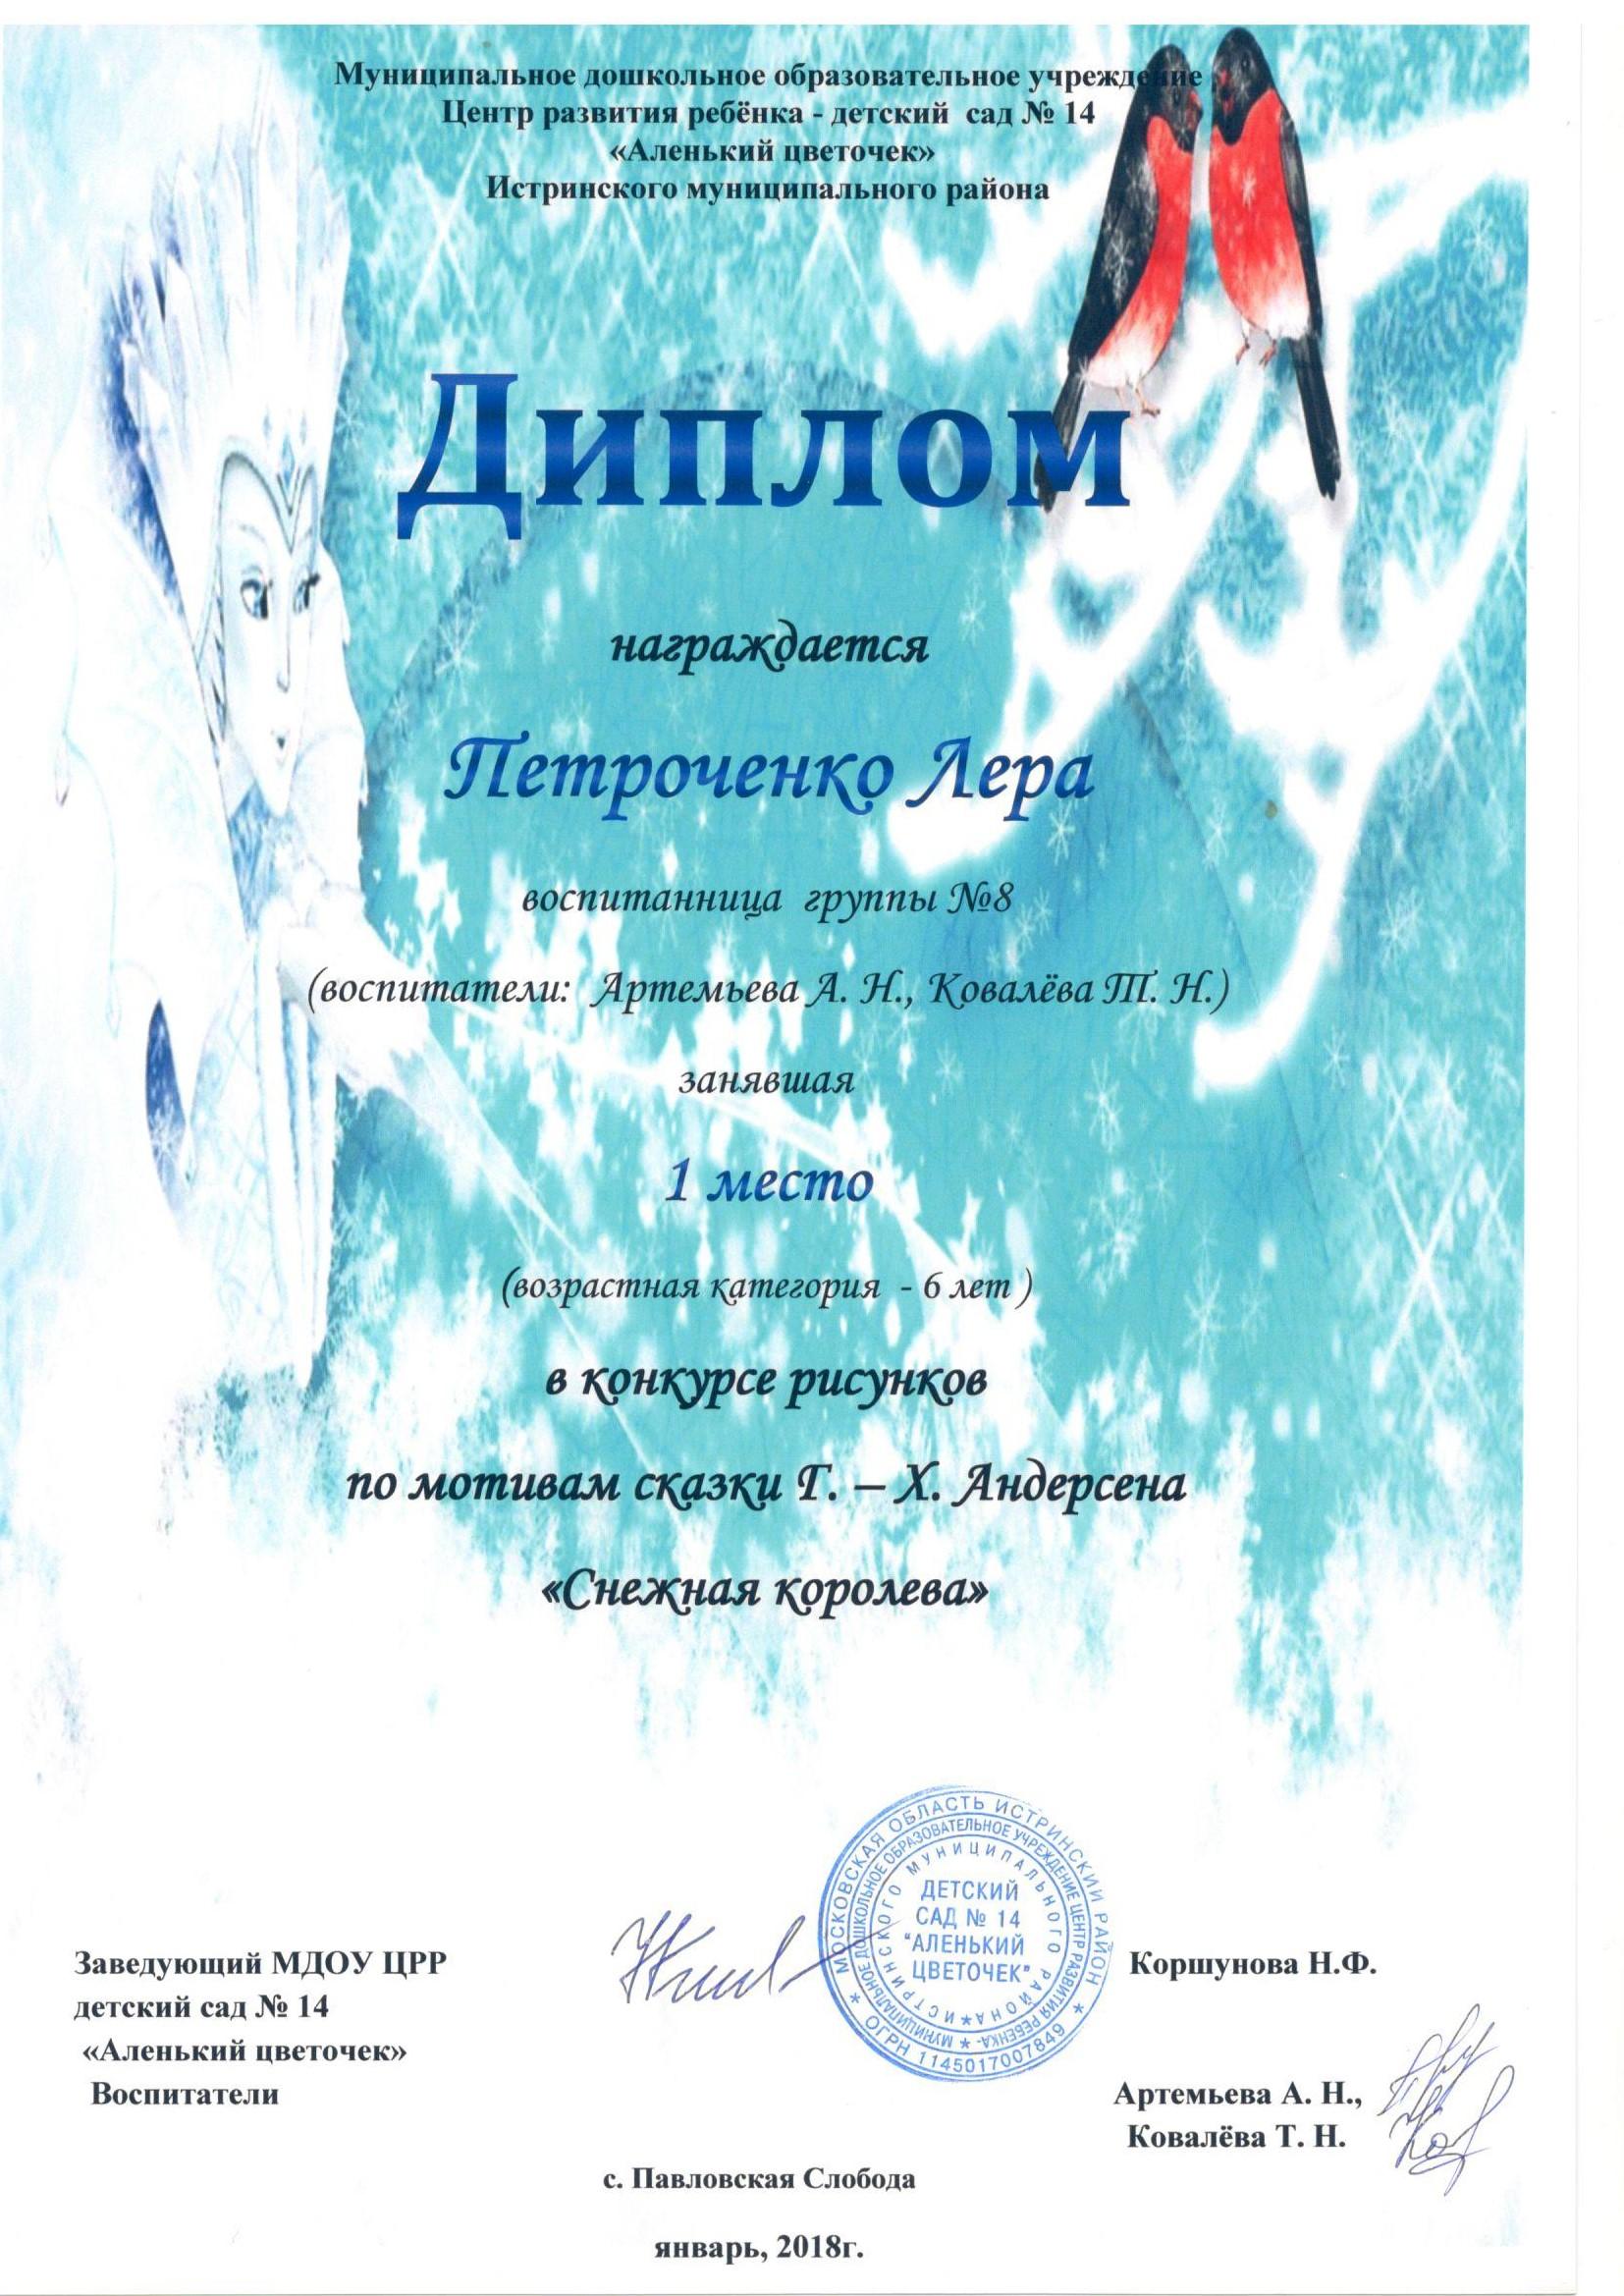 6Петроченко 1 место №8 (pdf.io)